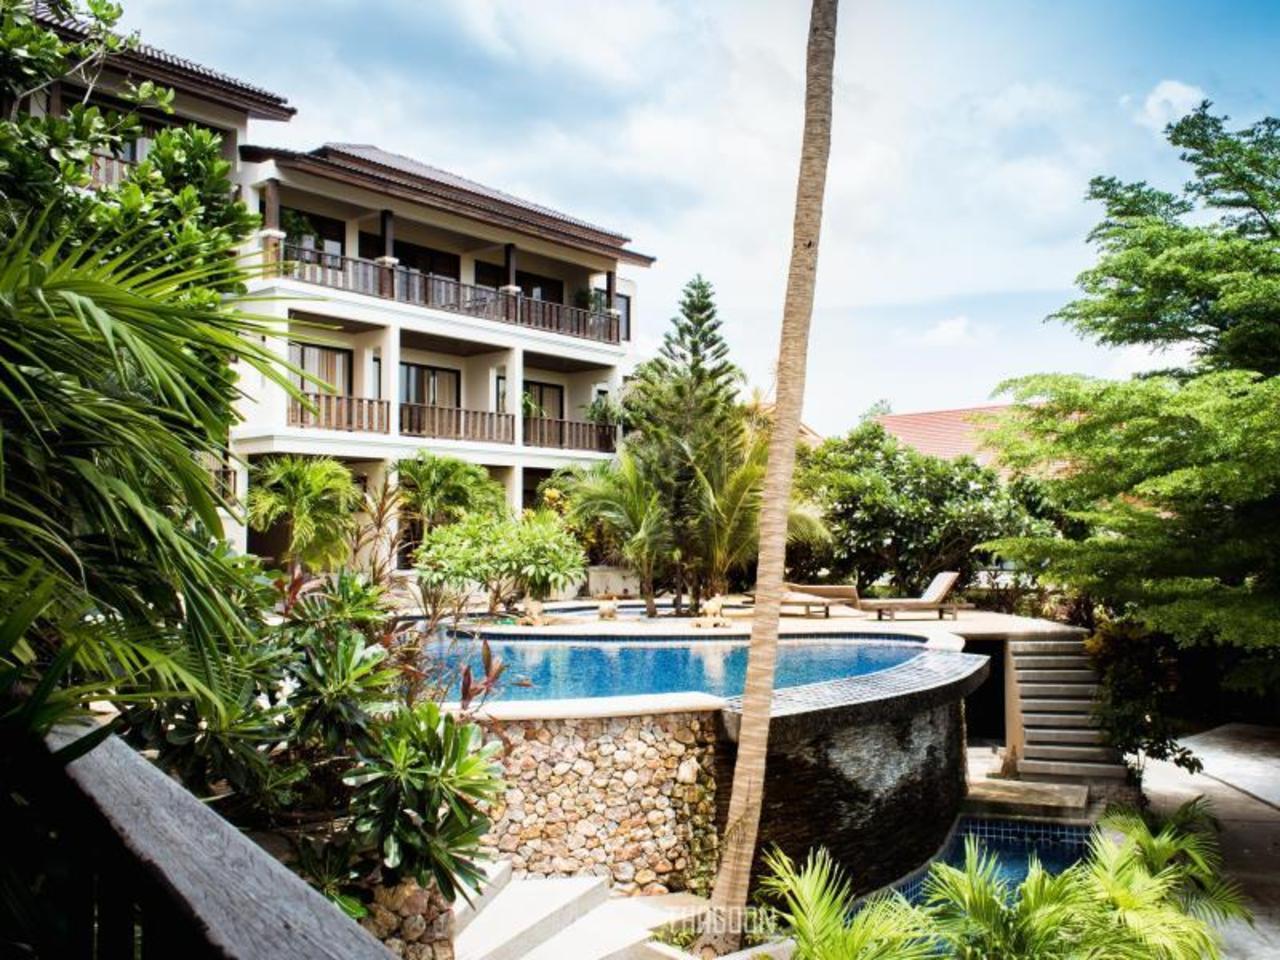 ปั้นหยา รีสอร์ท (Panya Resort)